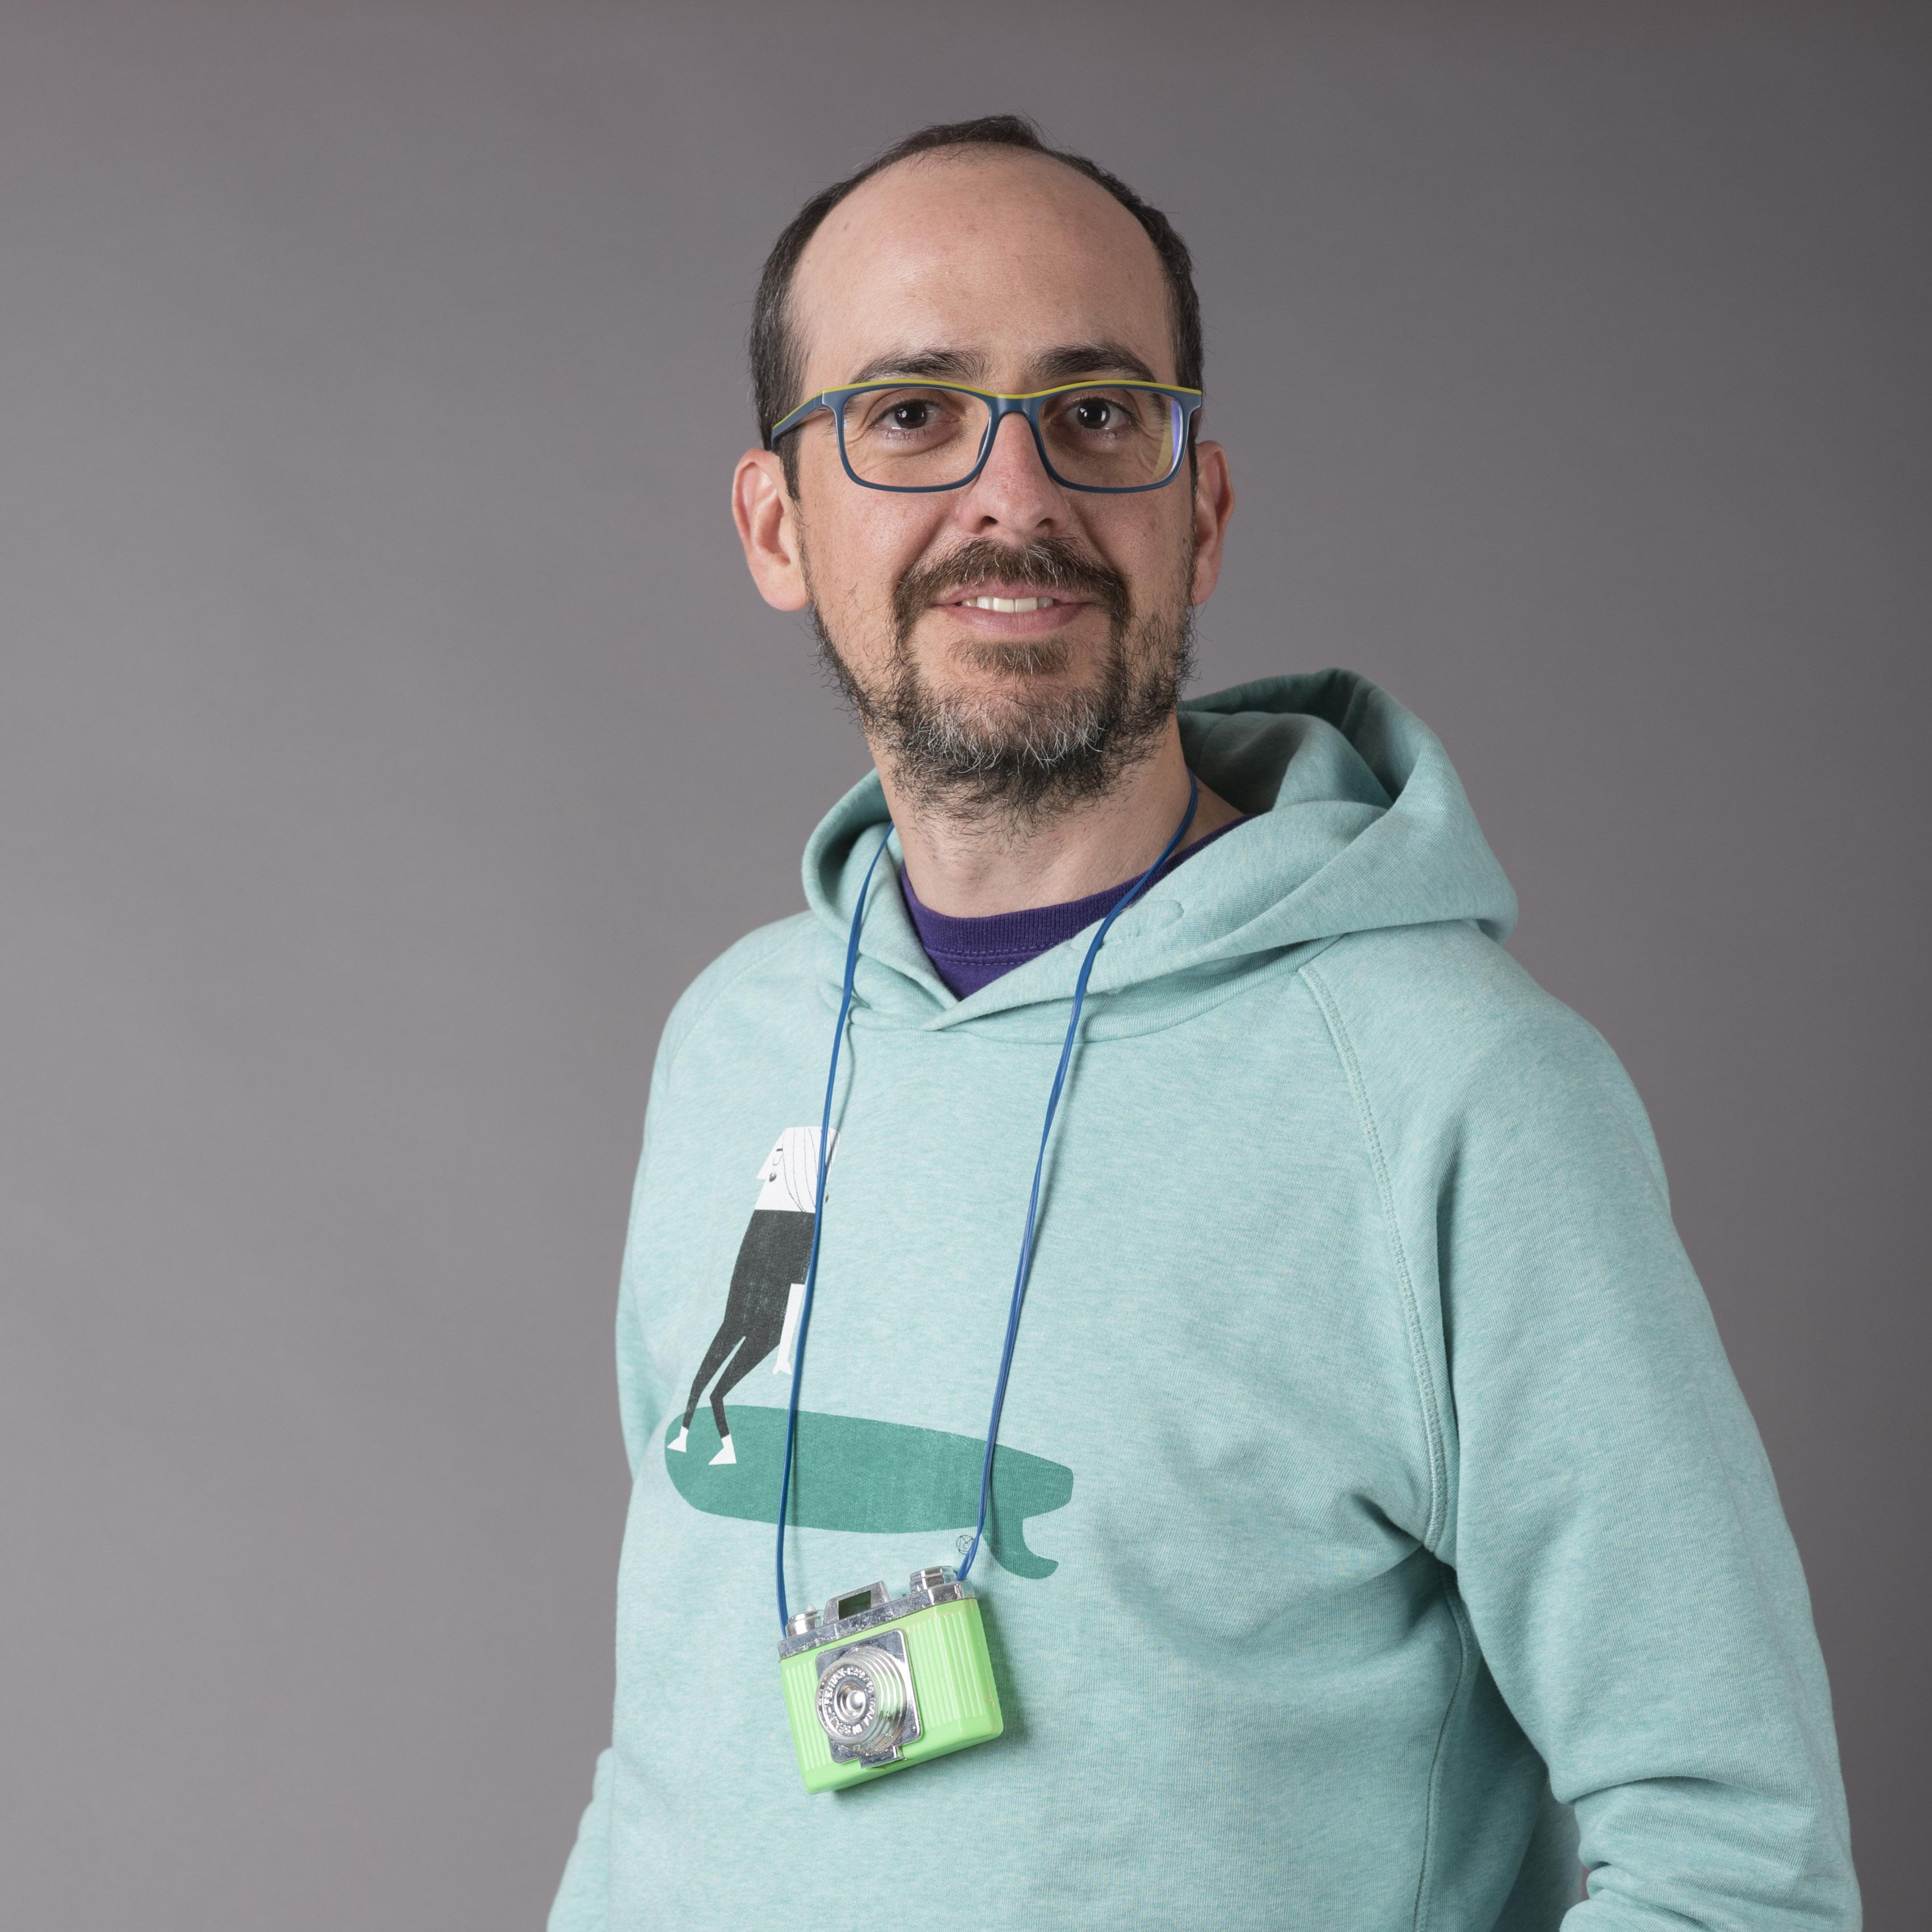 Foto Carlos Loreno Rubio_videografo_realizador_editor_videos_spots_eventos_anuncios_producciones_bodas_filmmaker